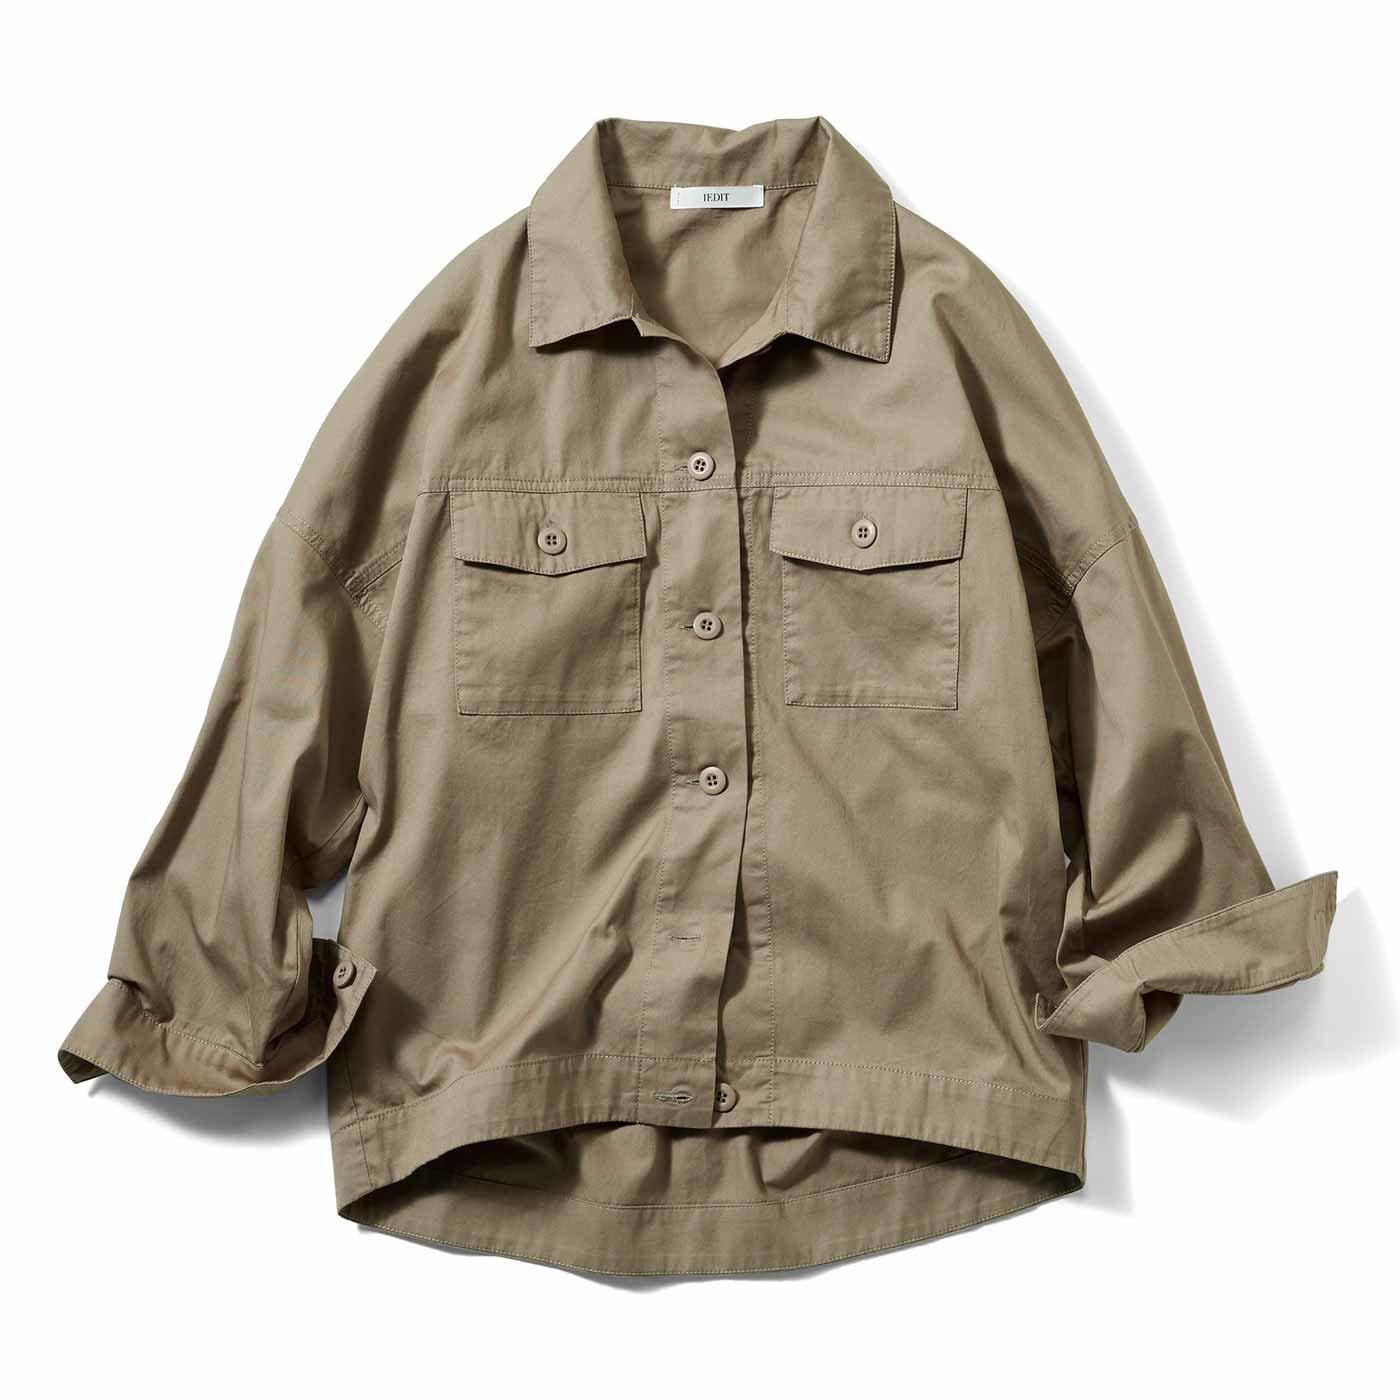 【3~10日でお届け】IEDIT[イディット] コットン素材のミリタリーシャツジャケット〈グレイッシュカーキ〉